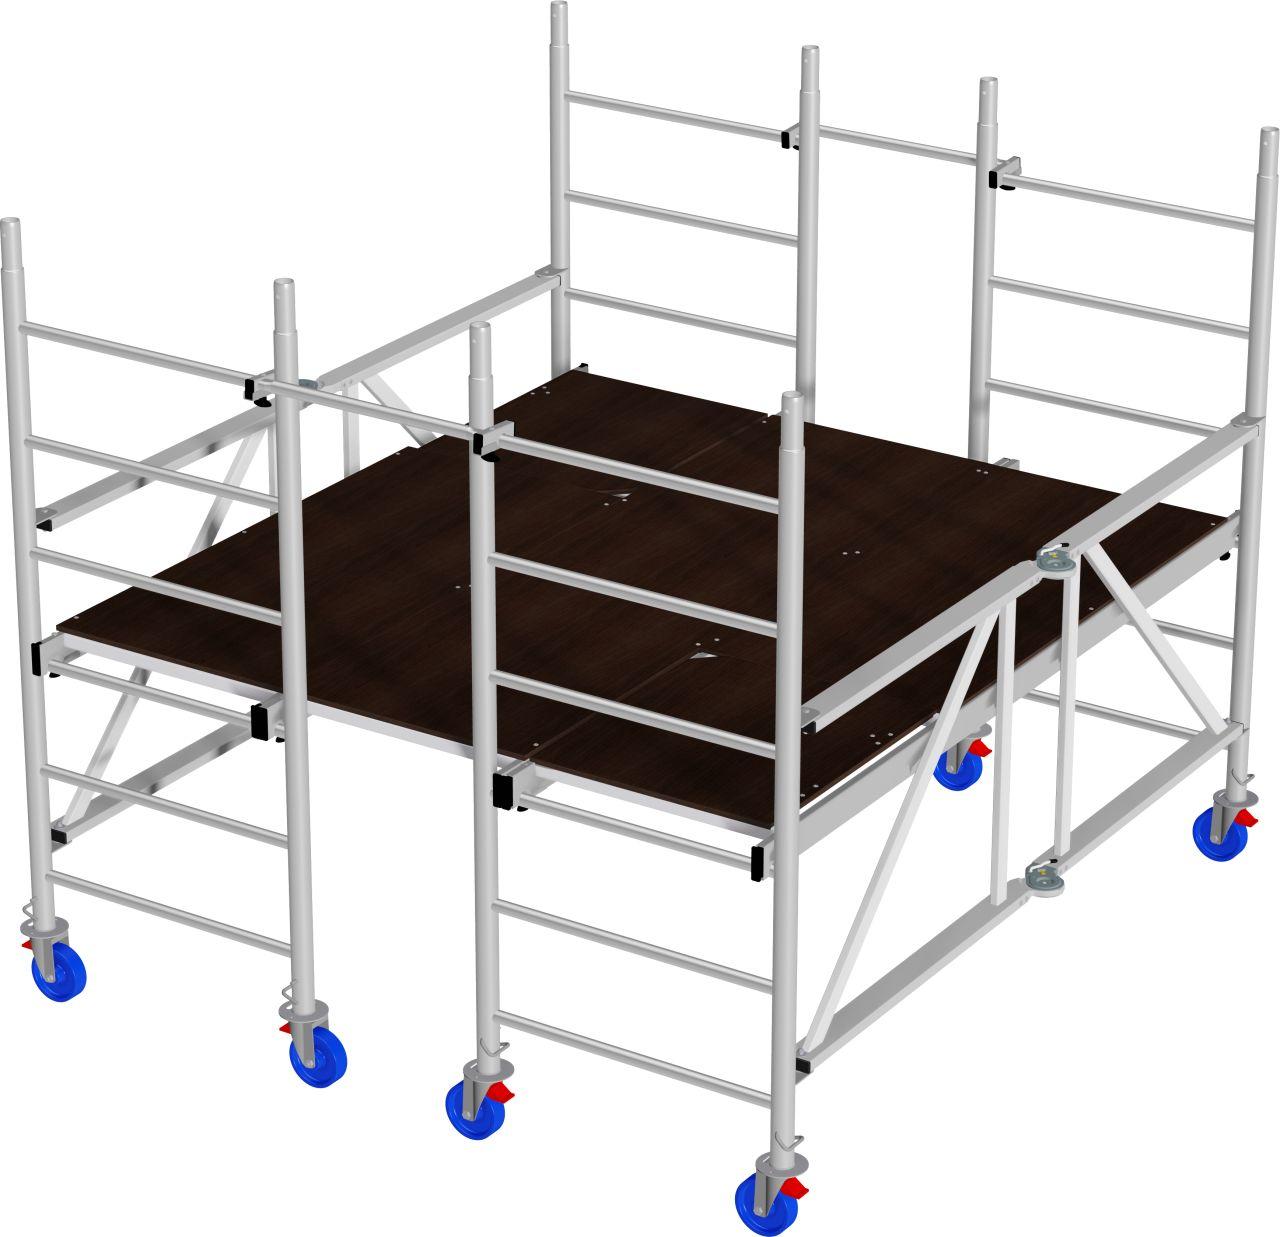 Alu-Plattformgerüst- Das Alu-Plattformgerüst für großflächige Innenarbeiten mit gebremsten Fahrrollen